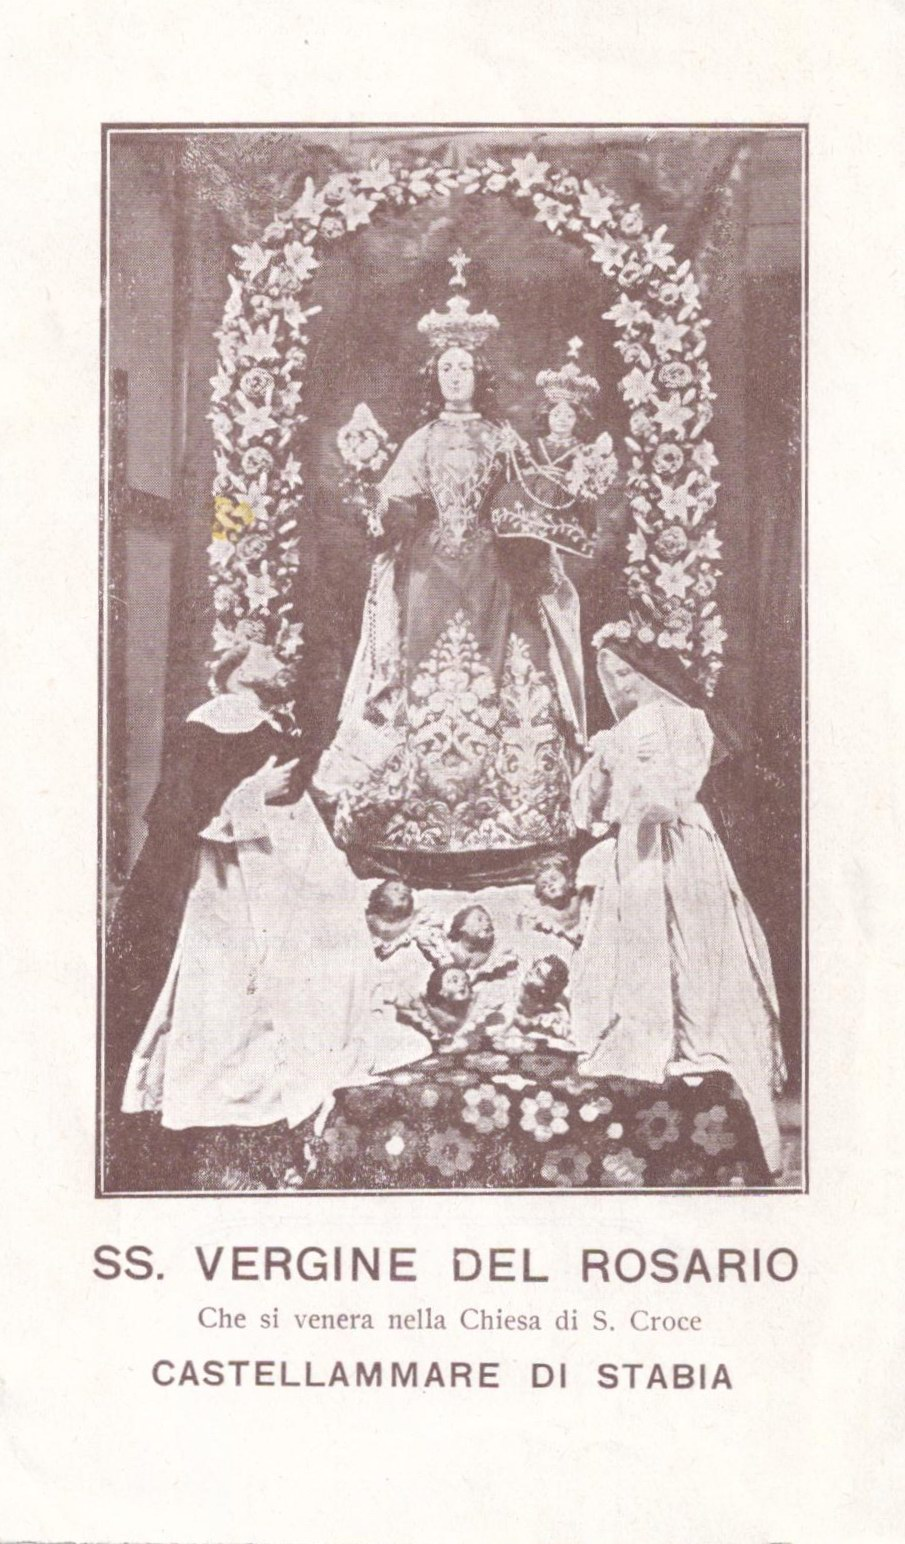 SS. Vergine del Rosario